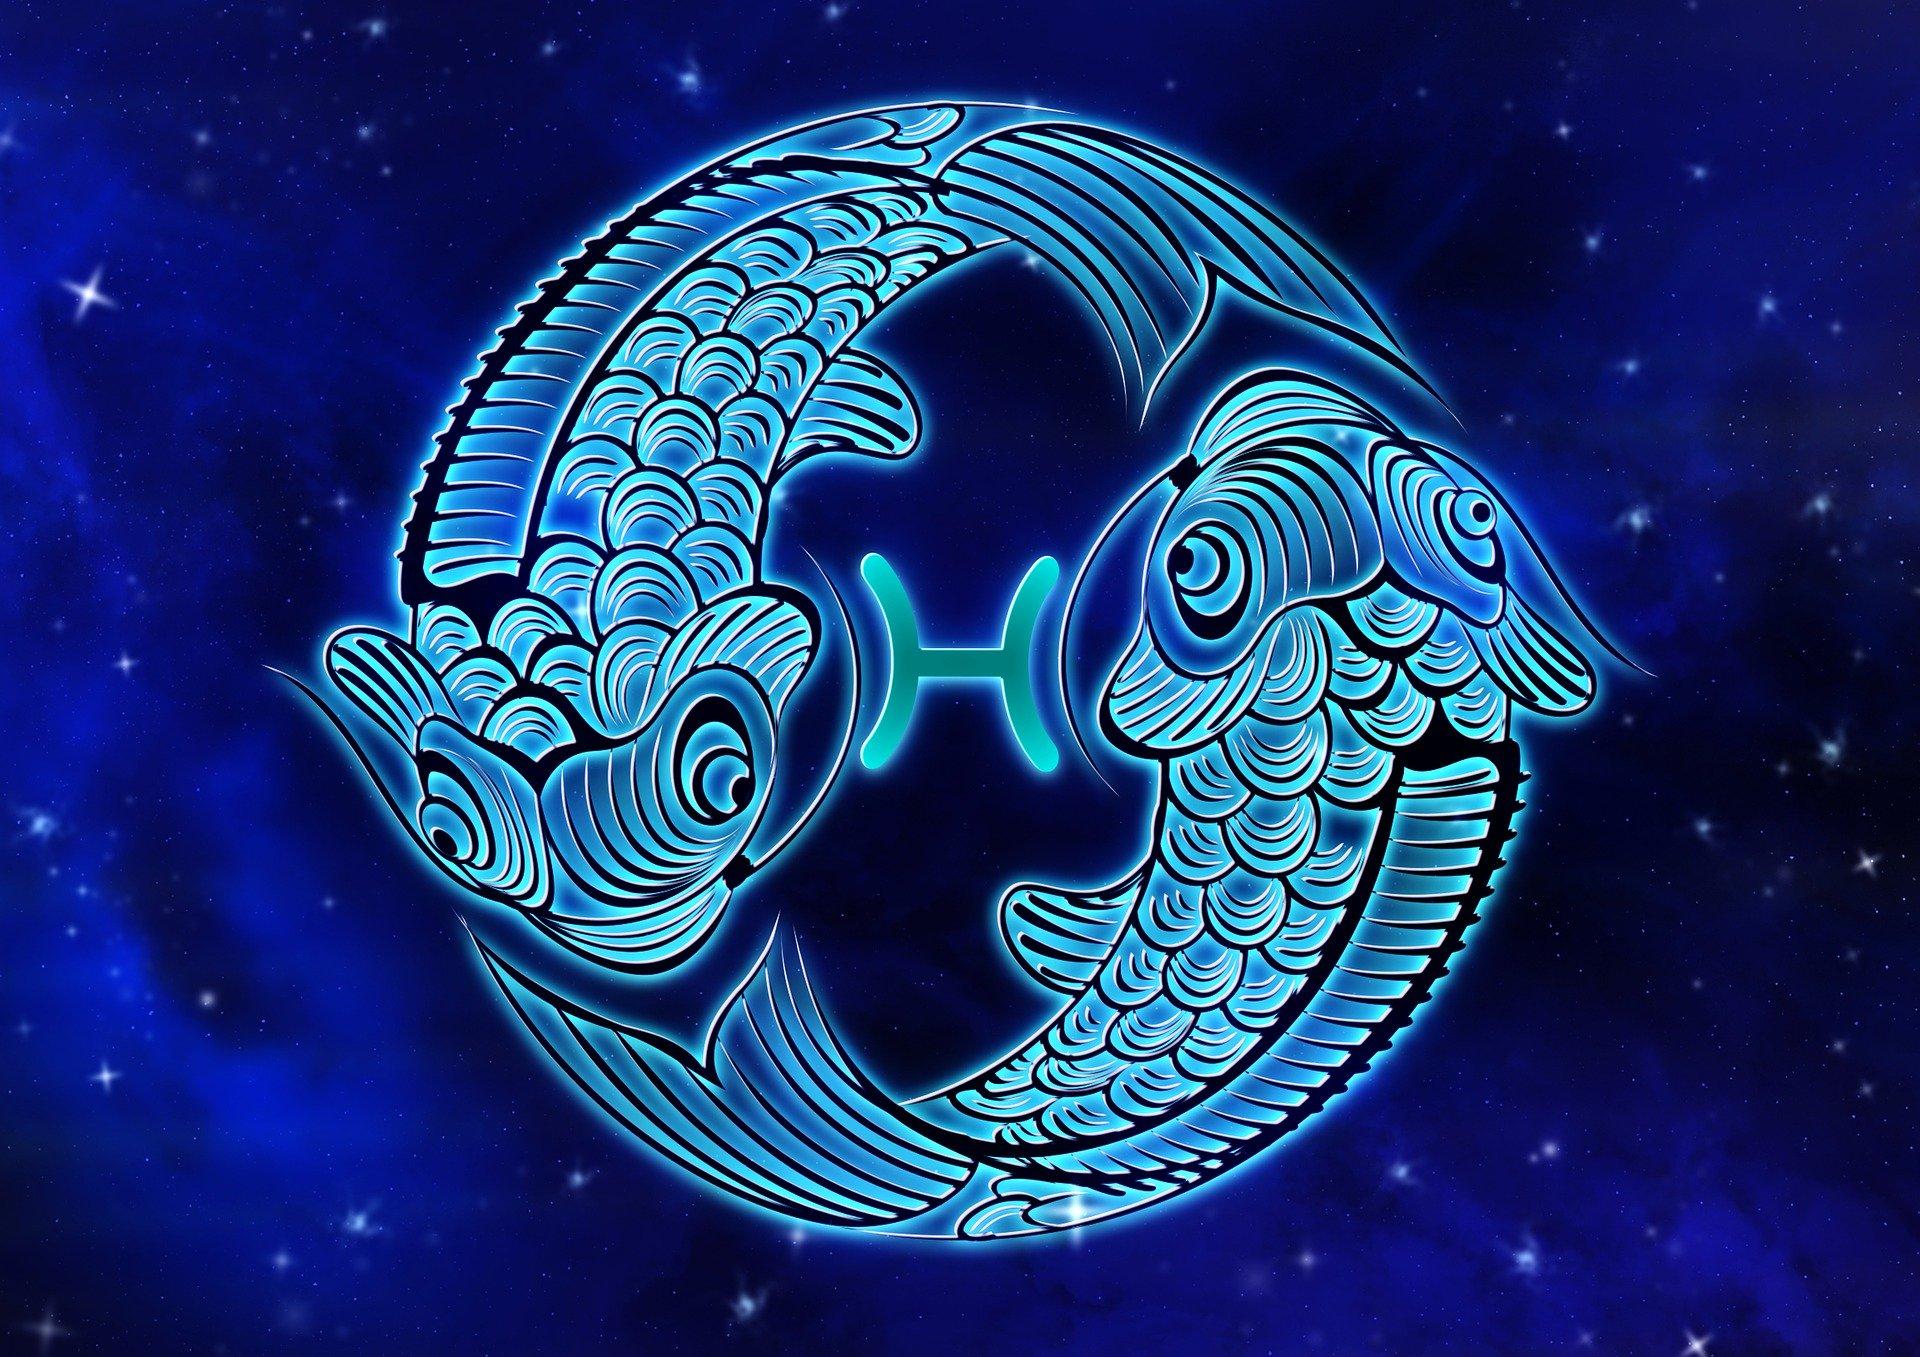 Horoscop anul 2013, anul Sarpelui de apa - zodia Pesti